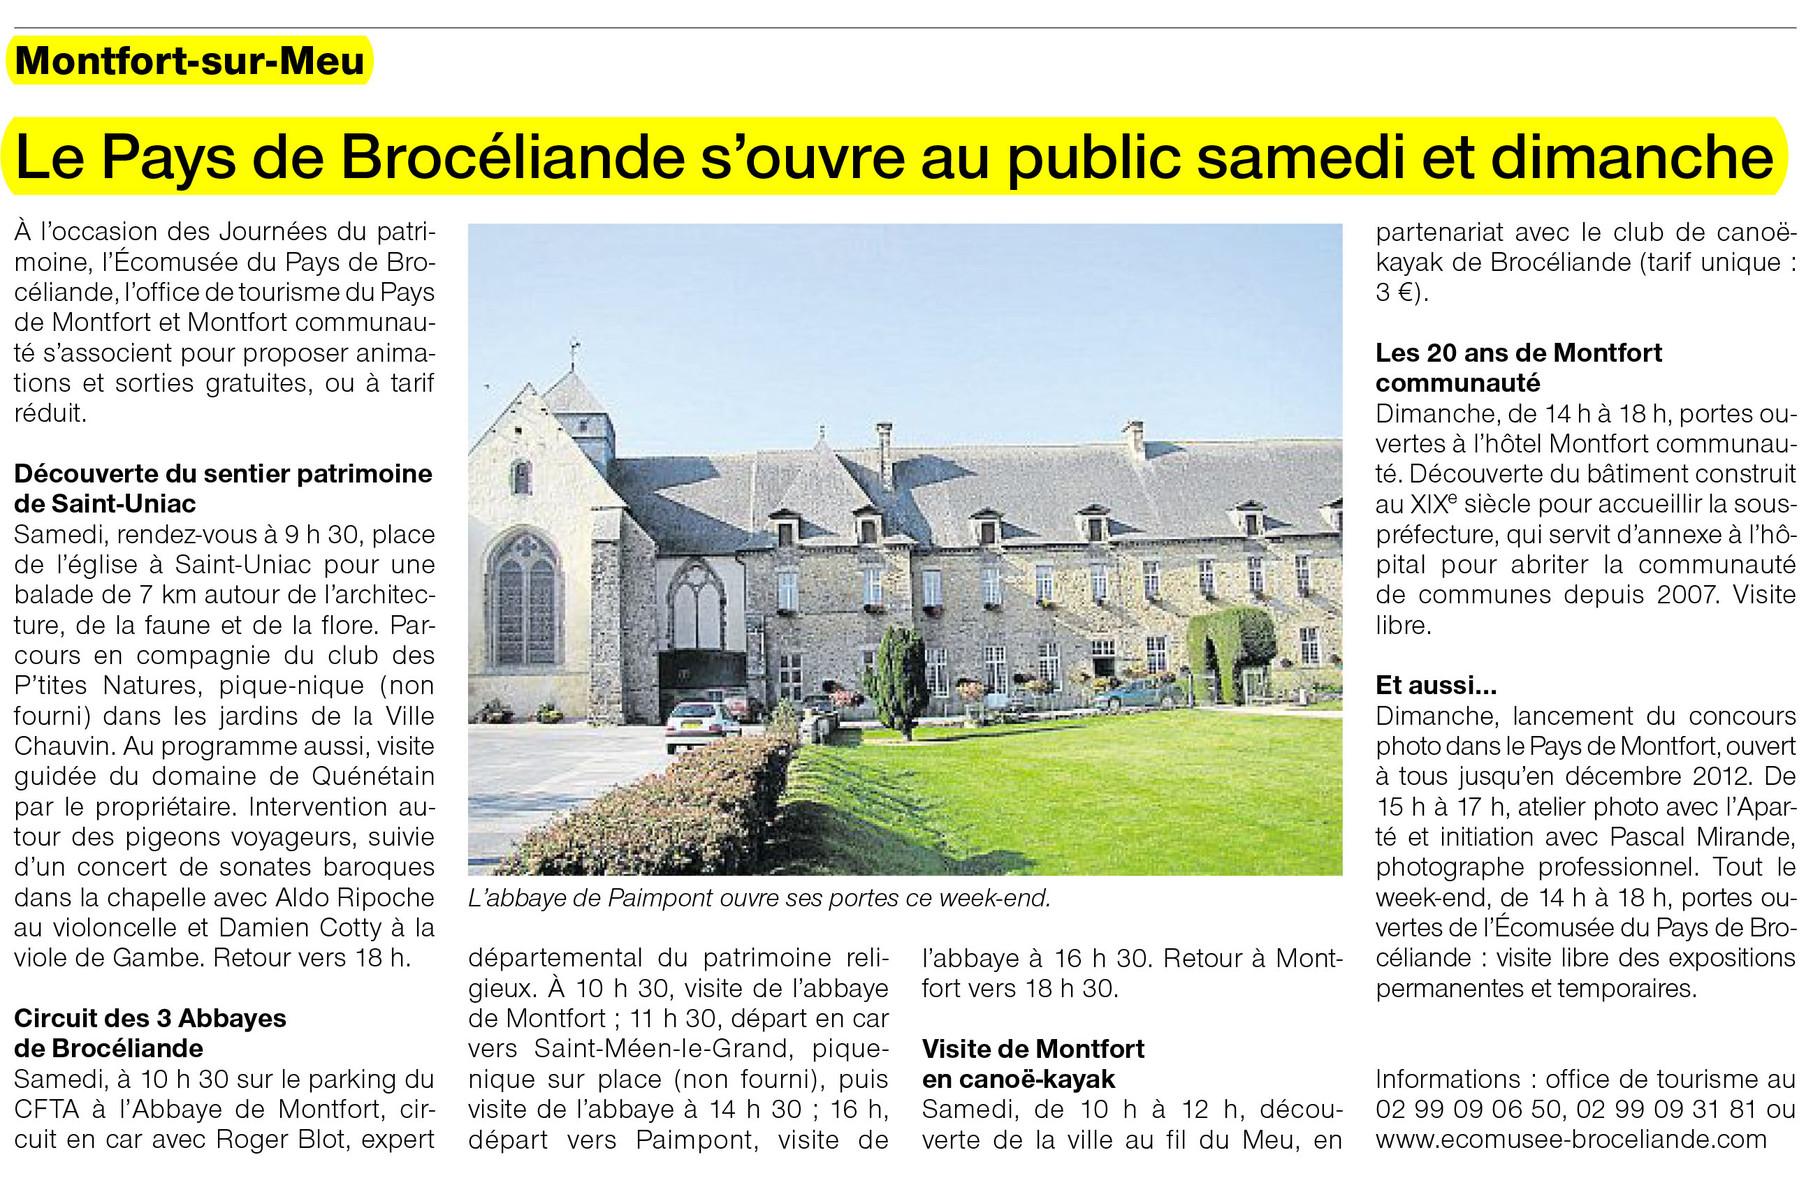 Ouest-France - 14 septembre 2012